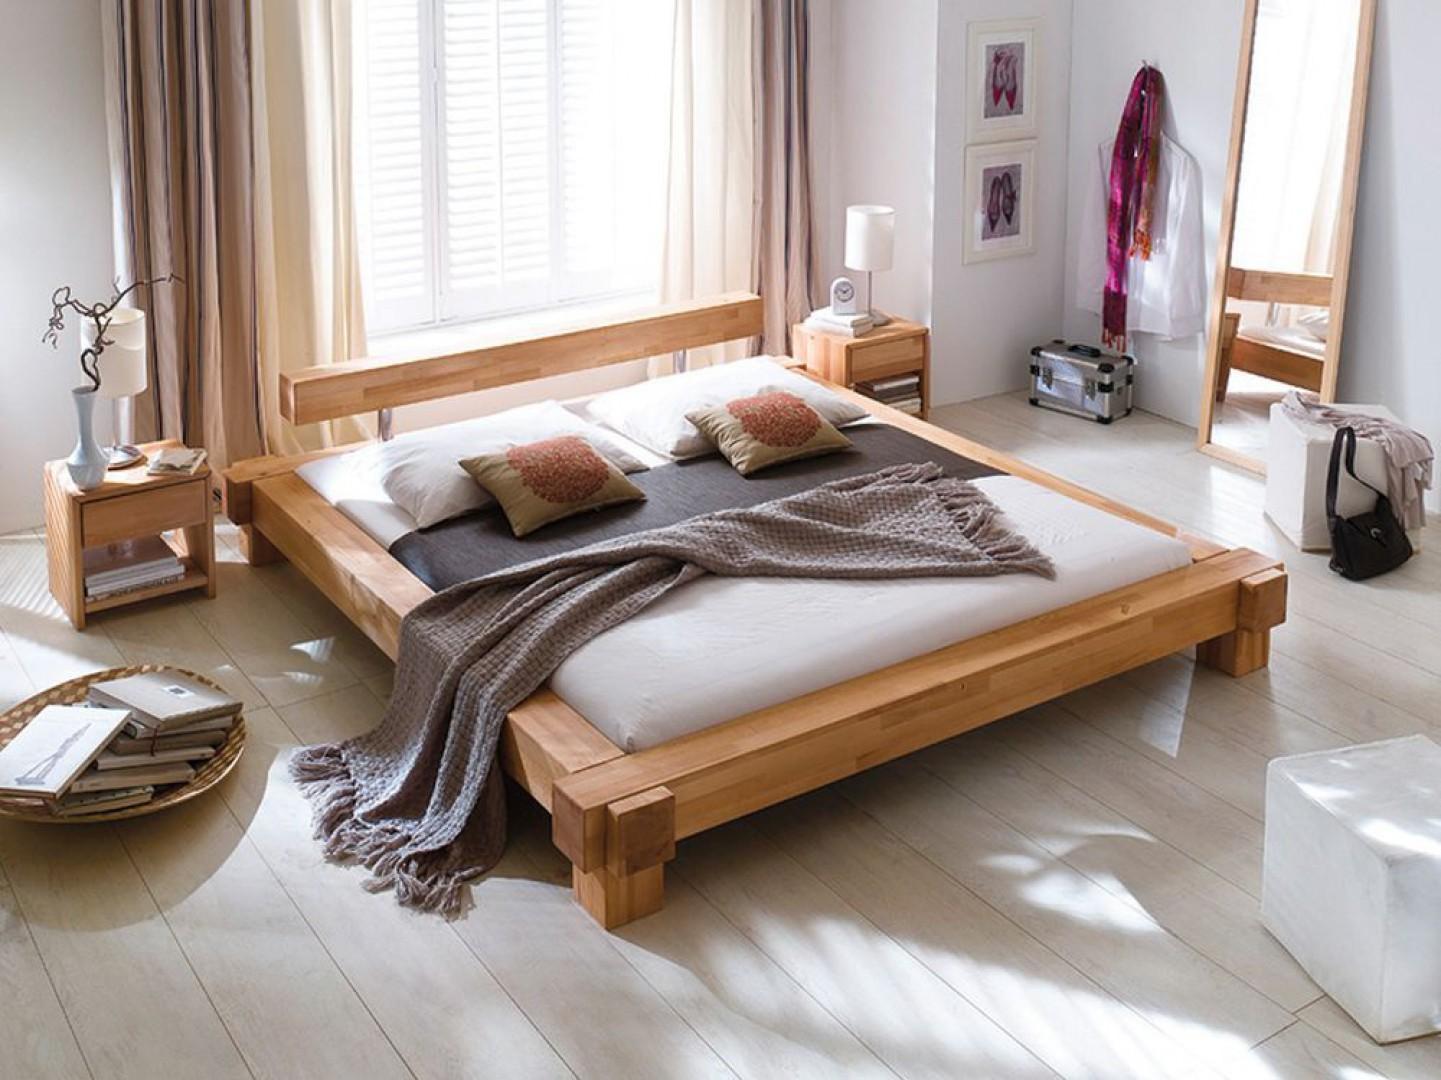 Urządzamy Wygodne łóżko 10 Pomysłów Na Sypialnię W